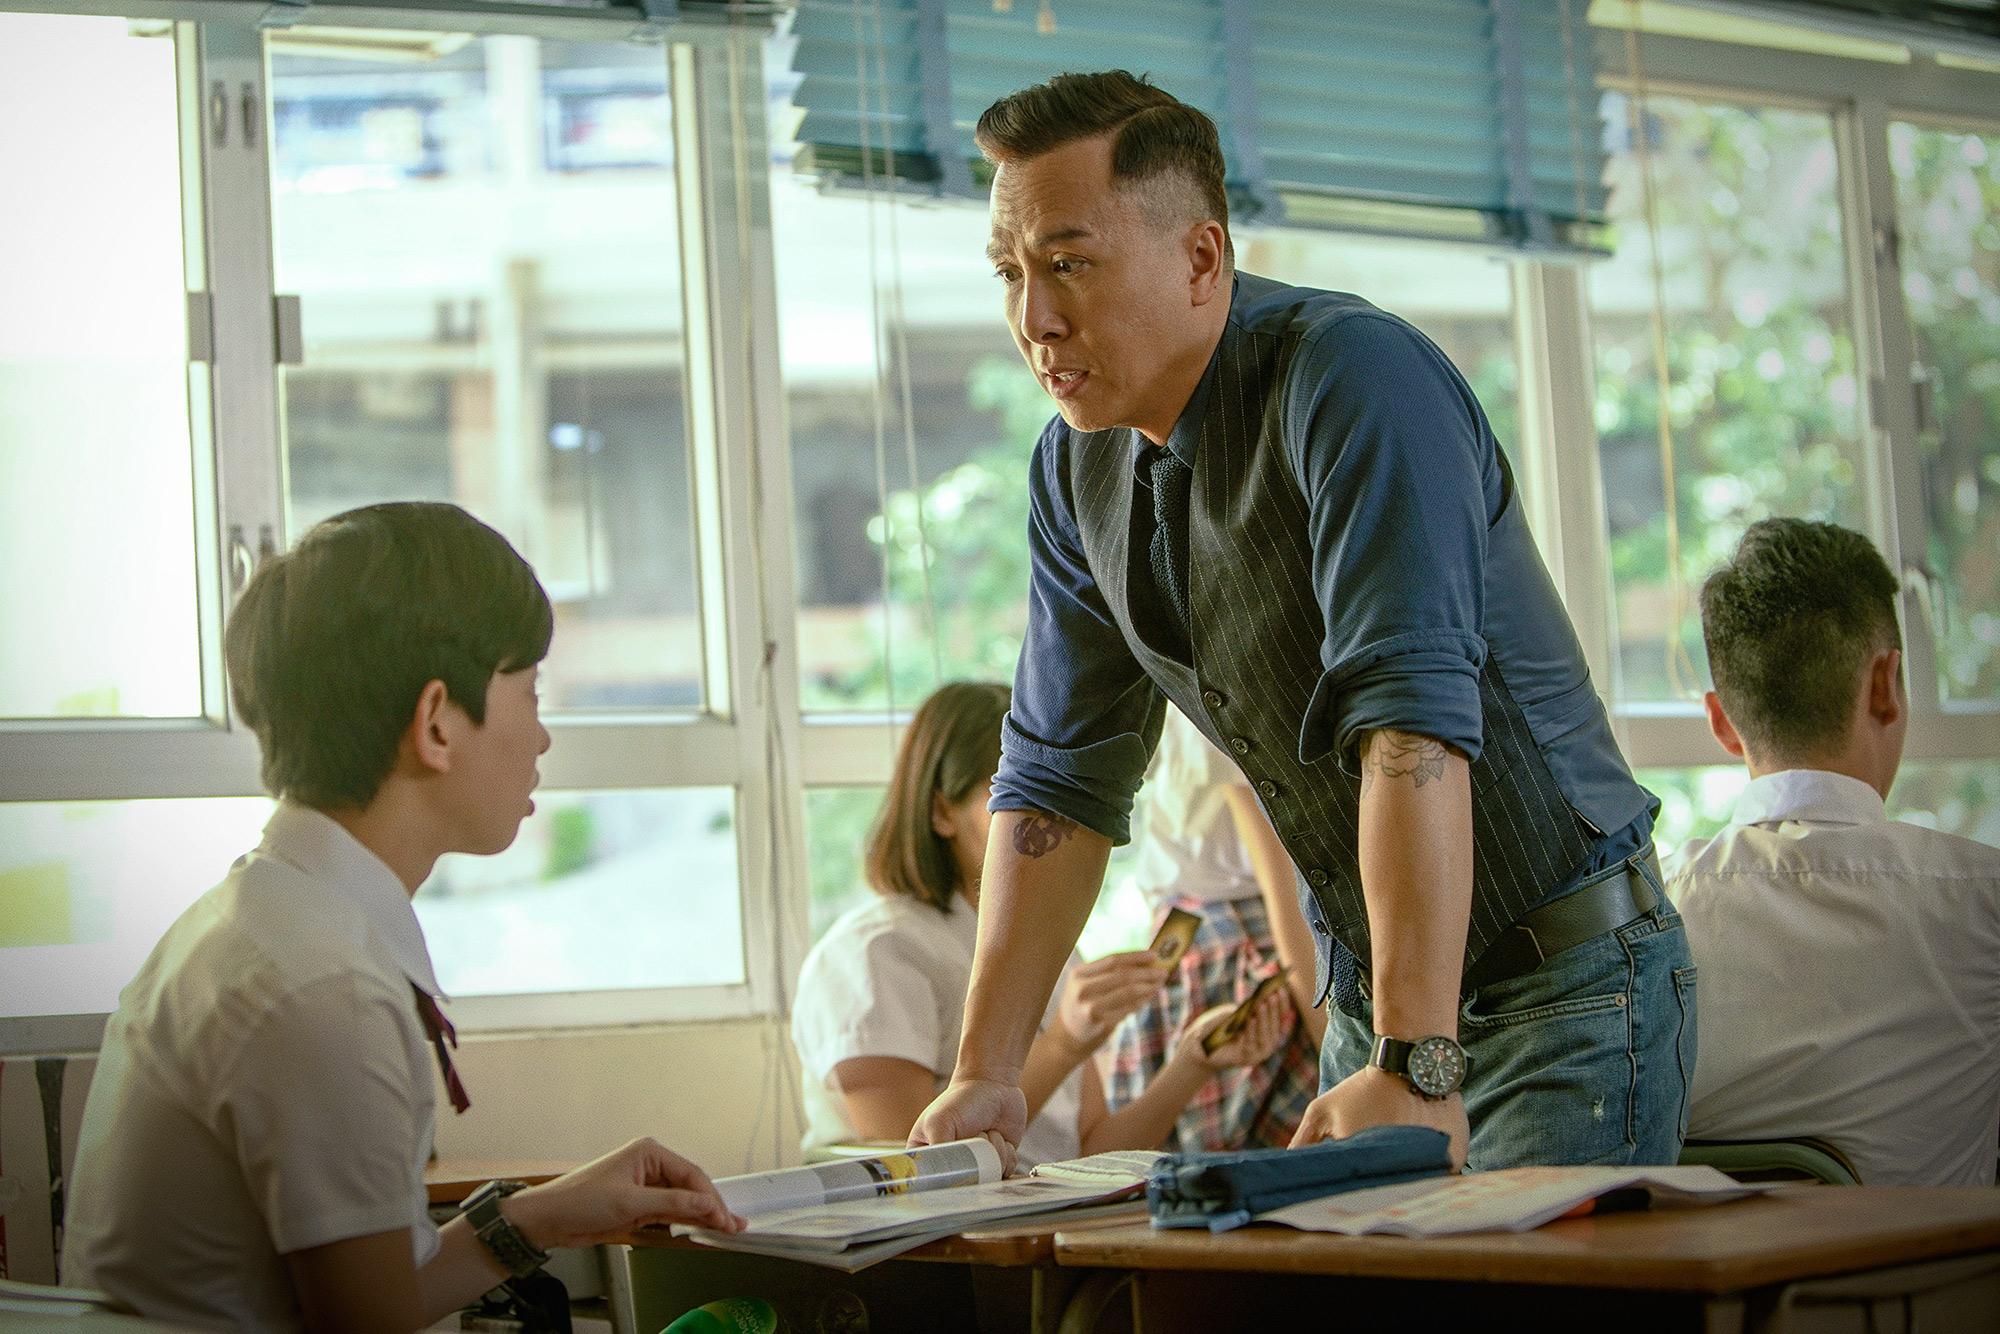 拍攝教育片是子丹的夢想,他希望可以令大家關注學生和教育問題。